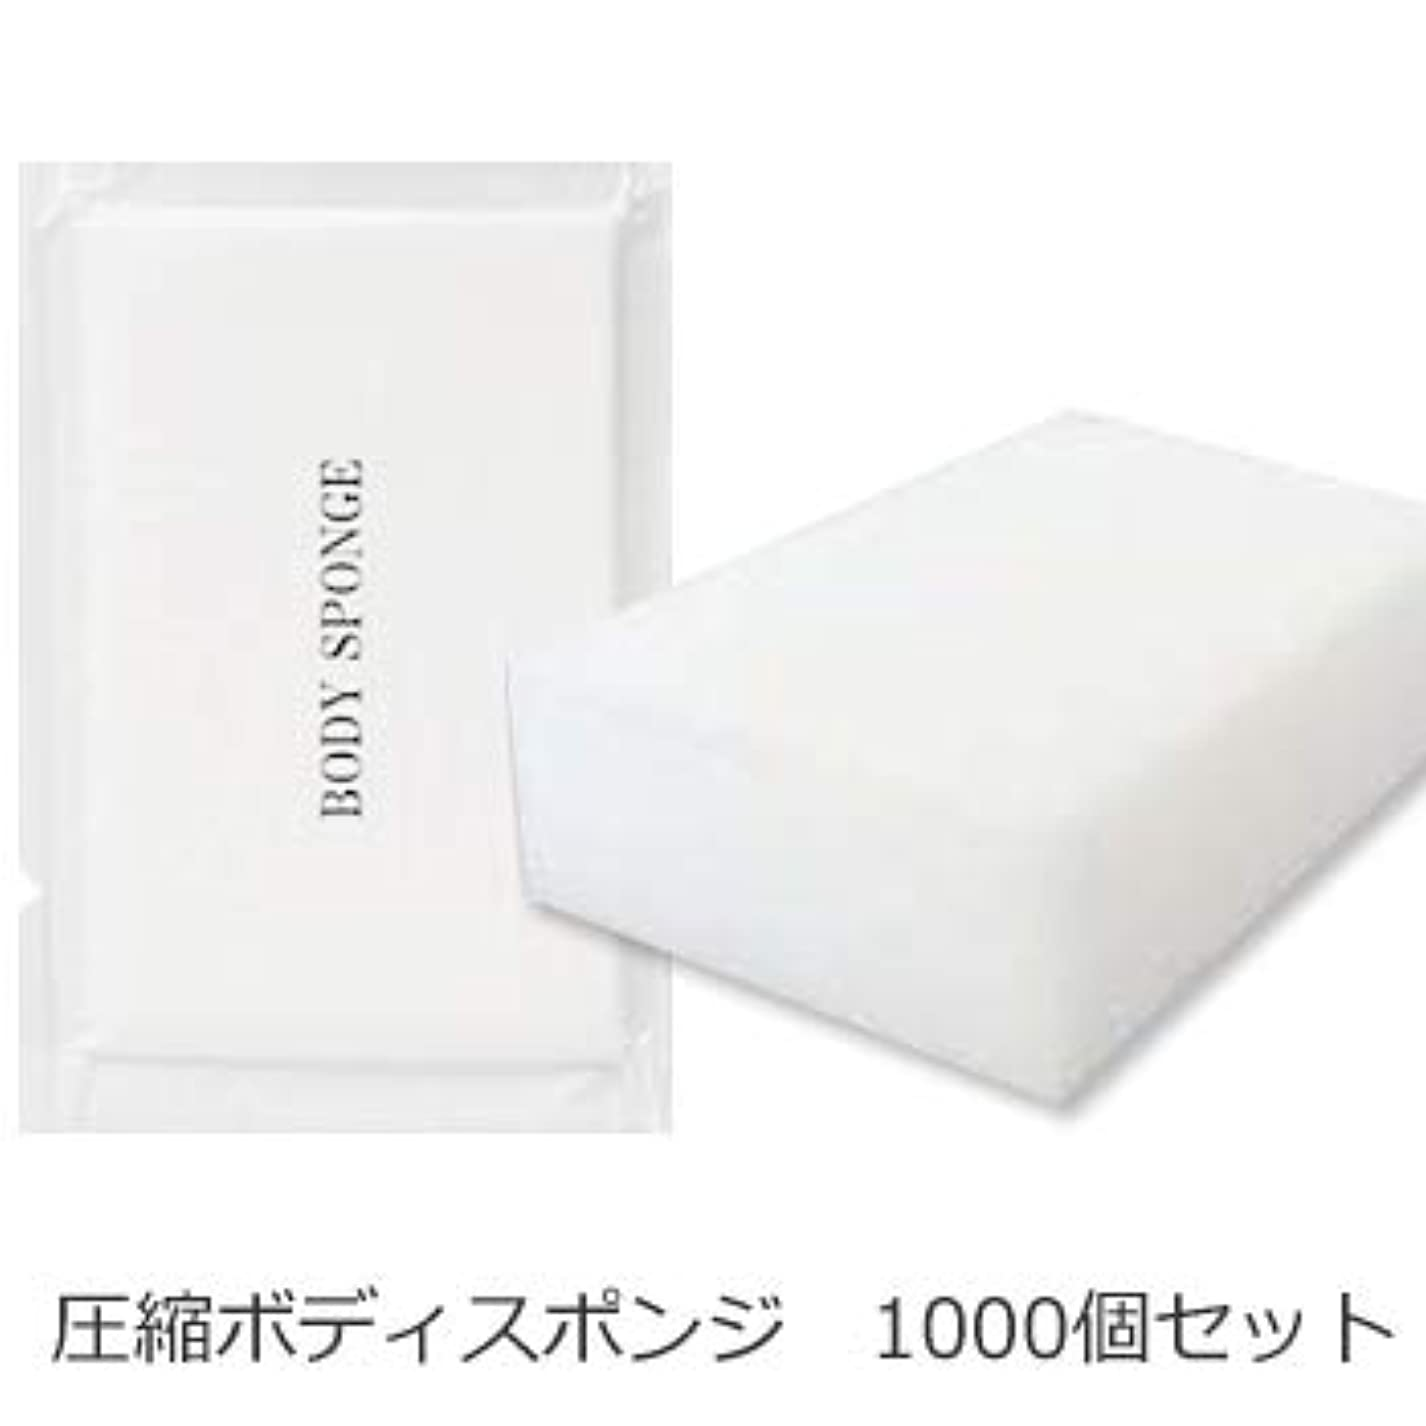 誘惑するゆでる科学的ボディスポンジ 海綿タイプ 厚み 30mm (1セット1000個入)1個当り11円税別